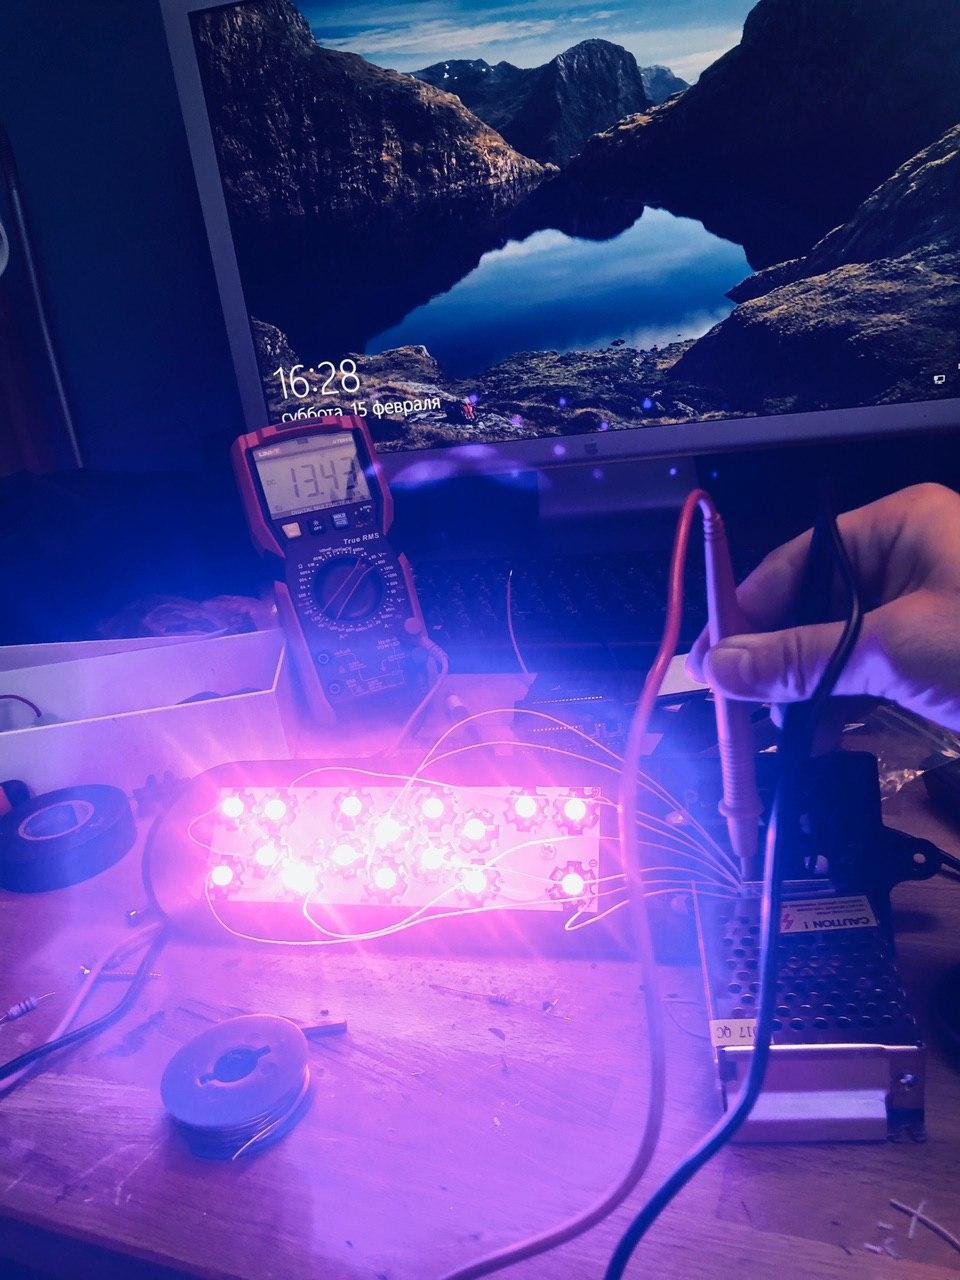 Экспресс UV лампа своими руками 400-405 нм для полимеризации 3D фотополимерных моделей - 24